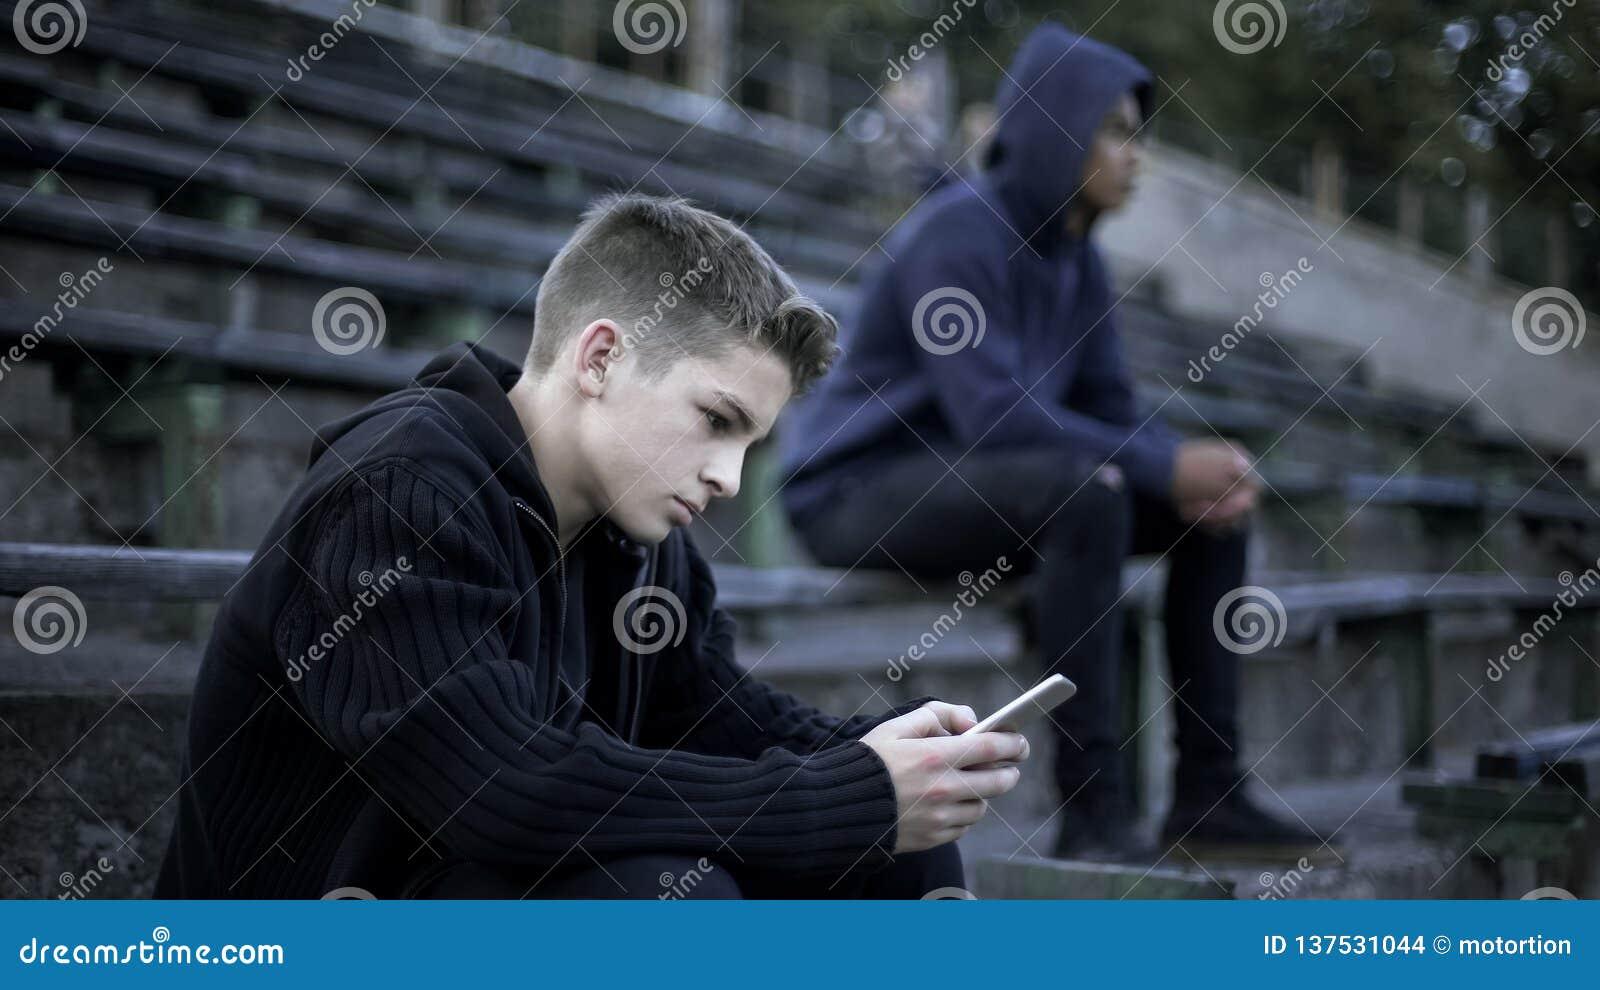 Junge, der Videospiel auf dem Smartphone, gewöhnt zum Sozialen Netz, digitale Nation spielt